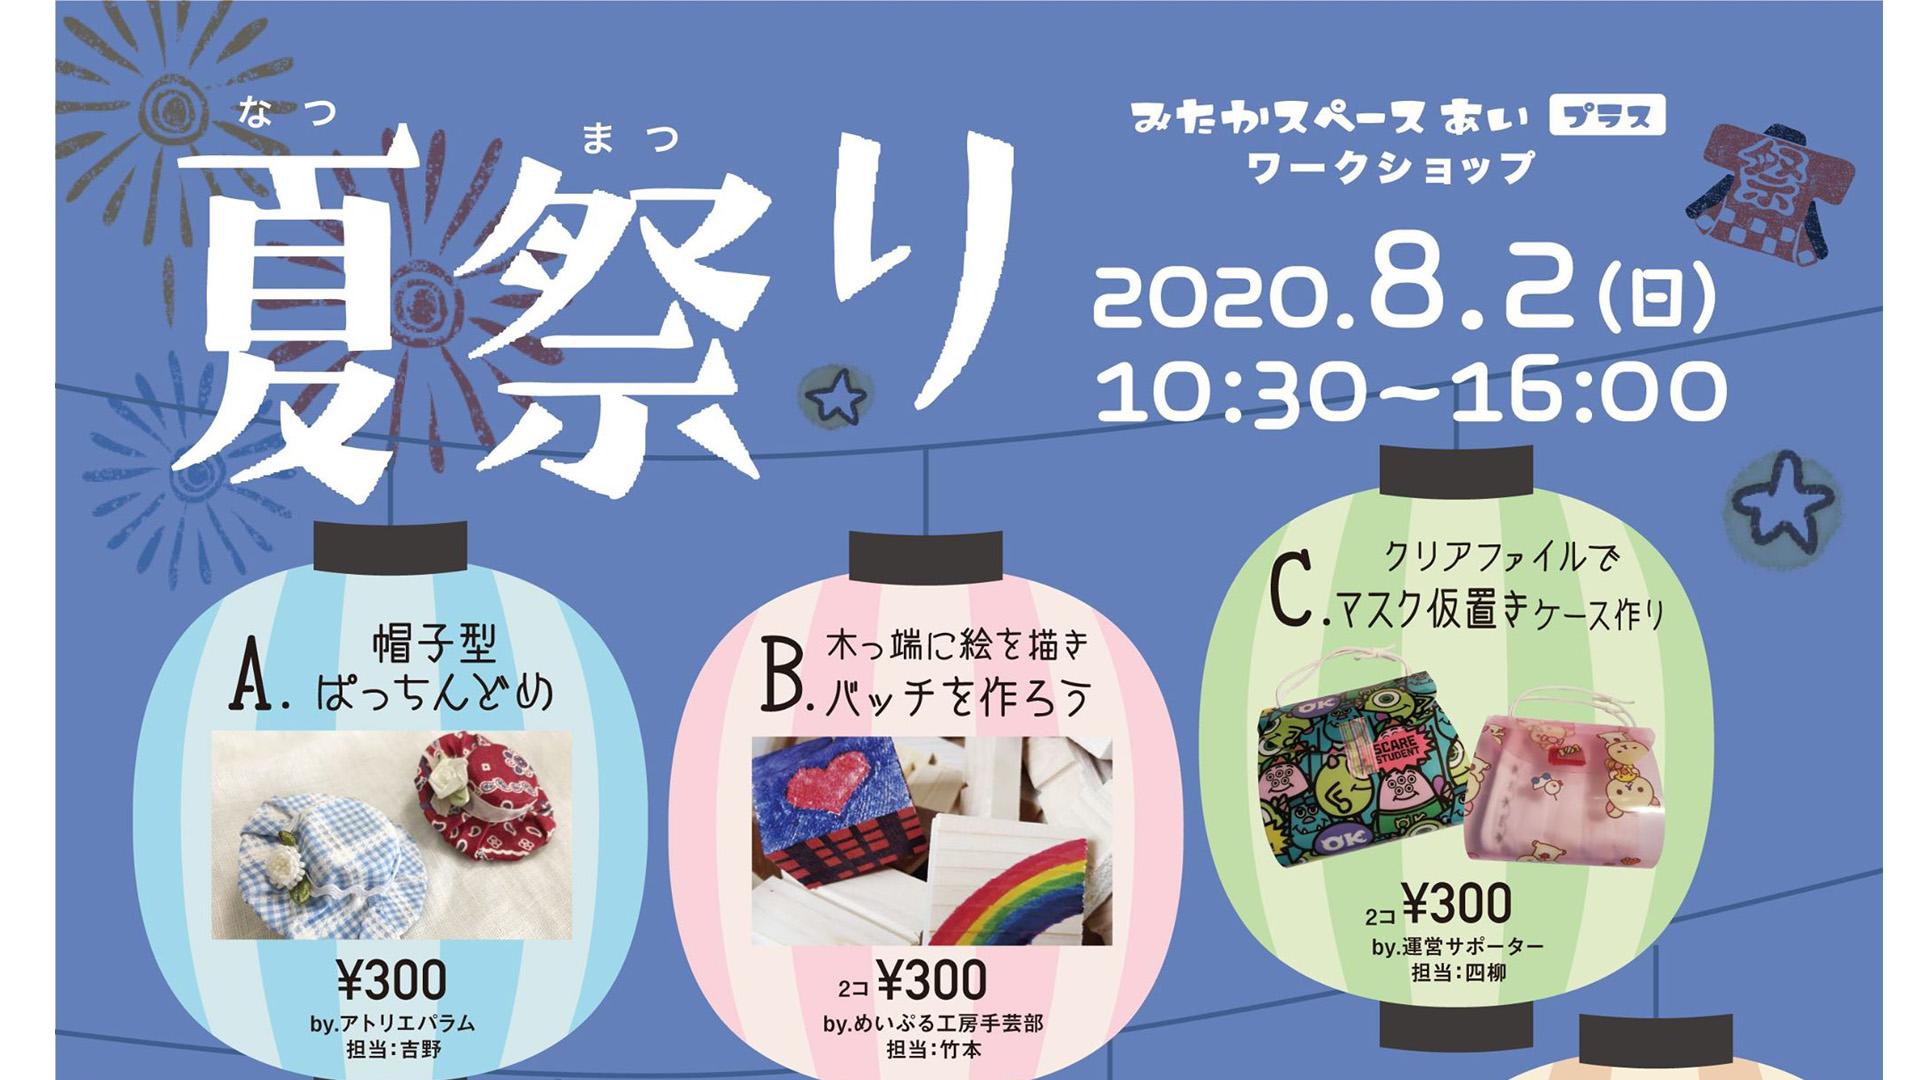 [地域情報]『夏祭り』ワークショップ @みたかスペースあい(8/2)